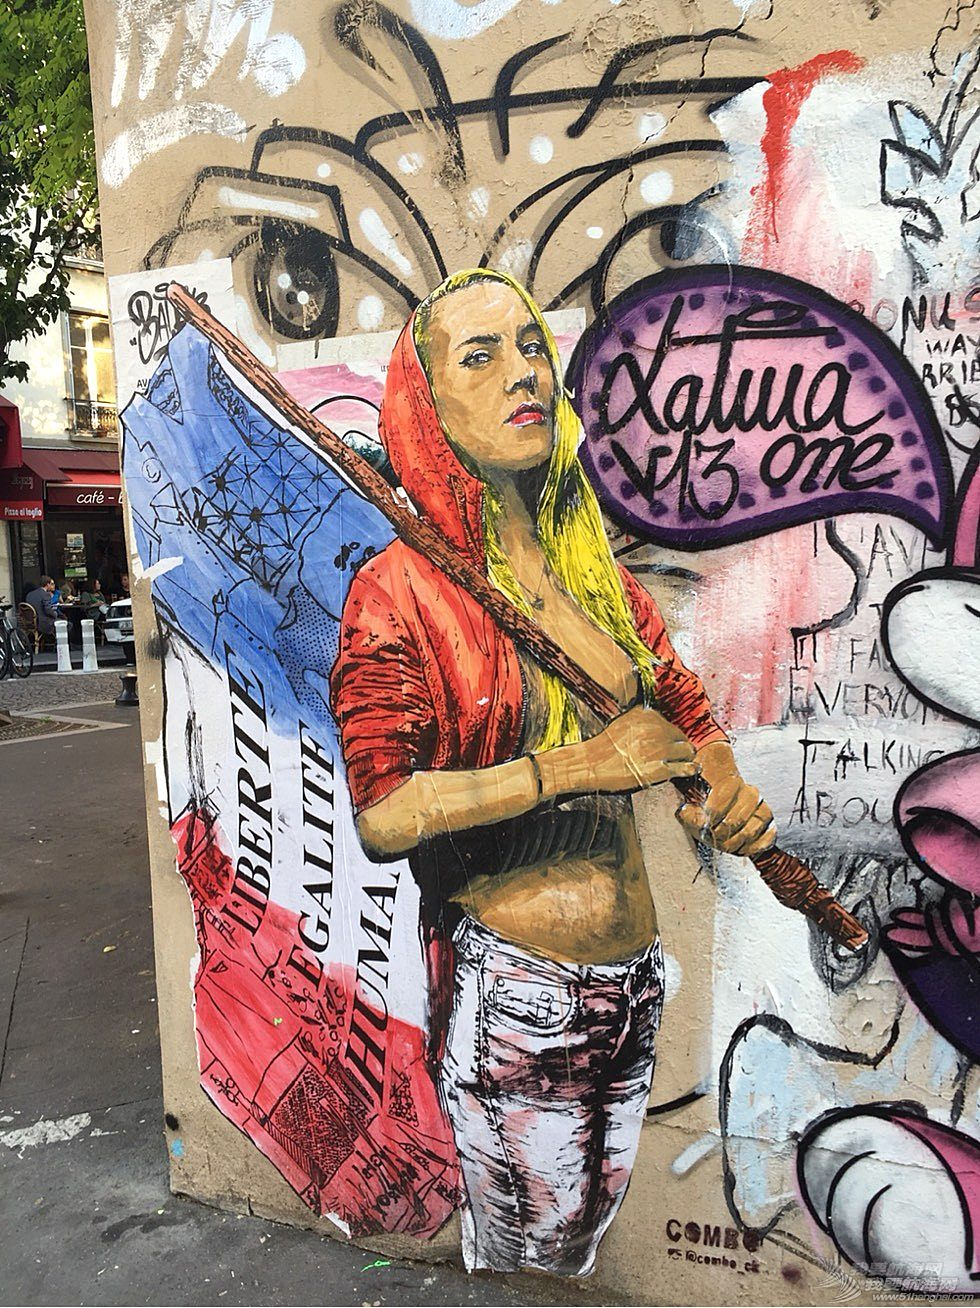 《海角孤舟》(19)巴黎公社中的涂鸦艺术